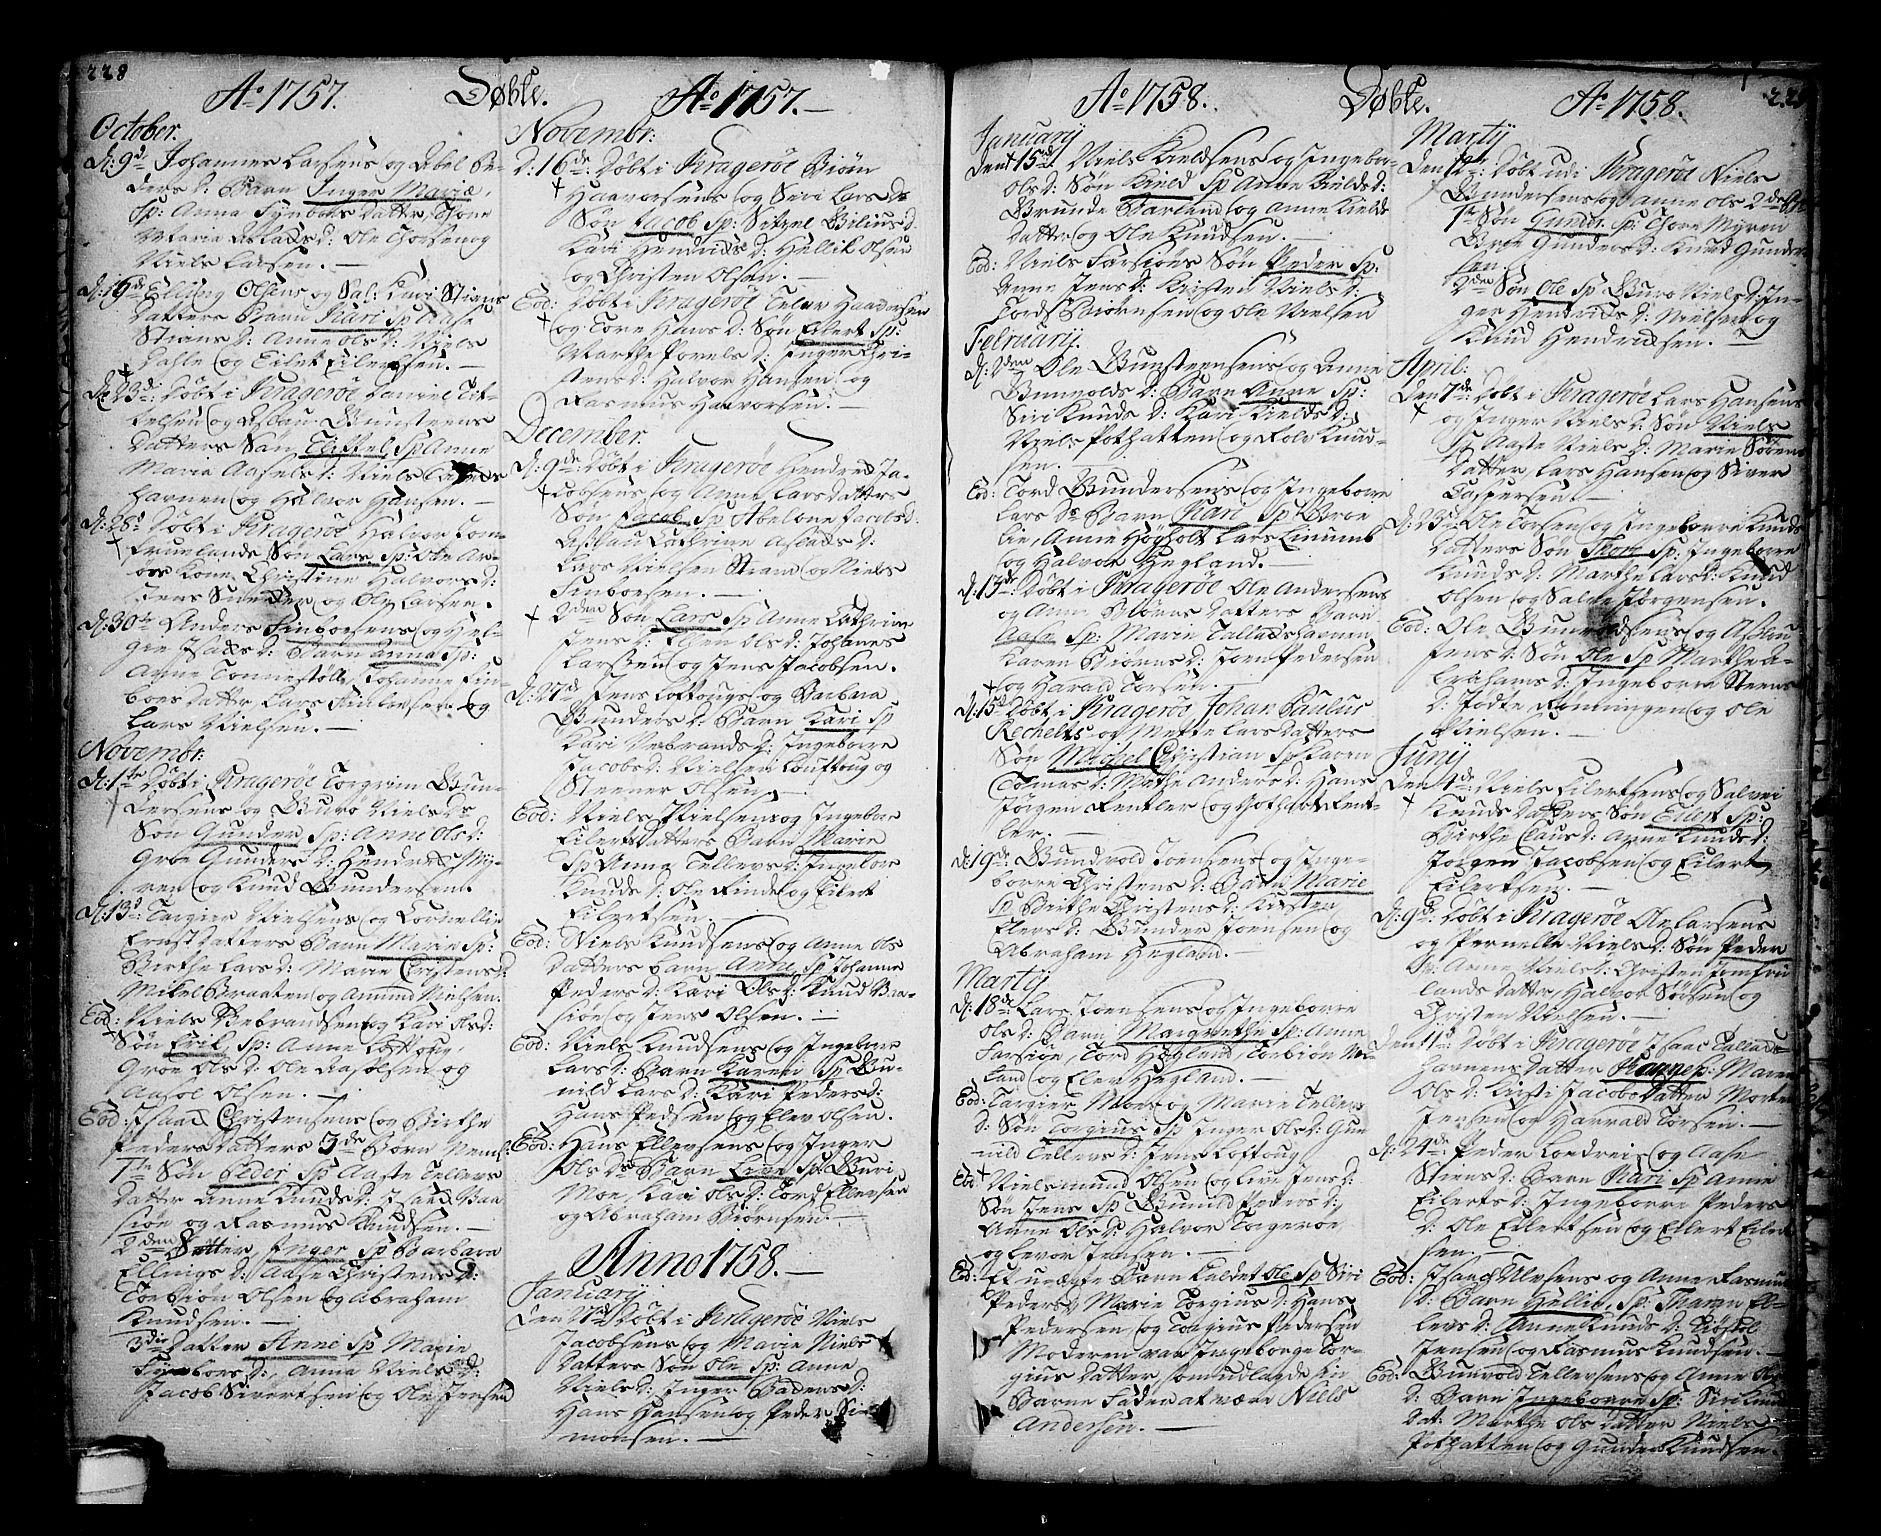 SAKO, Sannidal kirkebøker, F/Fa/L0001: Ministerialbok nr. 1, 1702-1766, s. 228-229